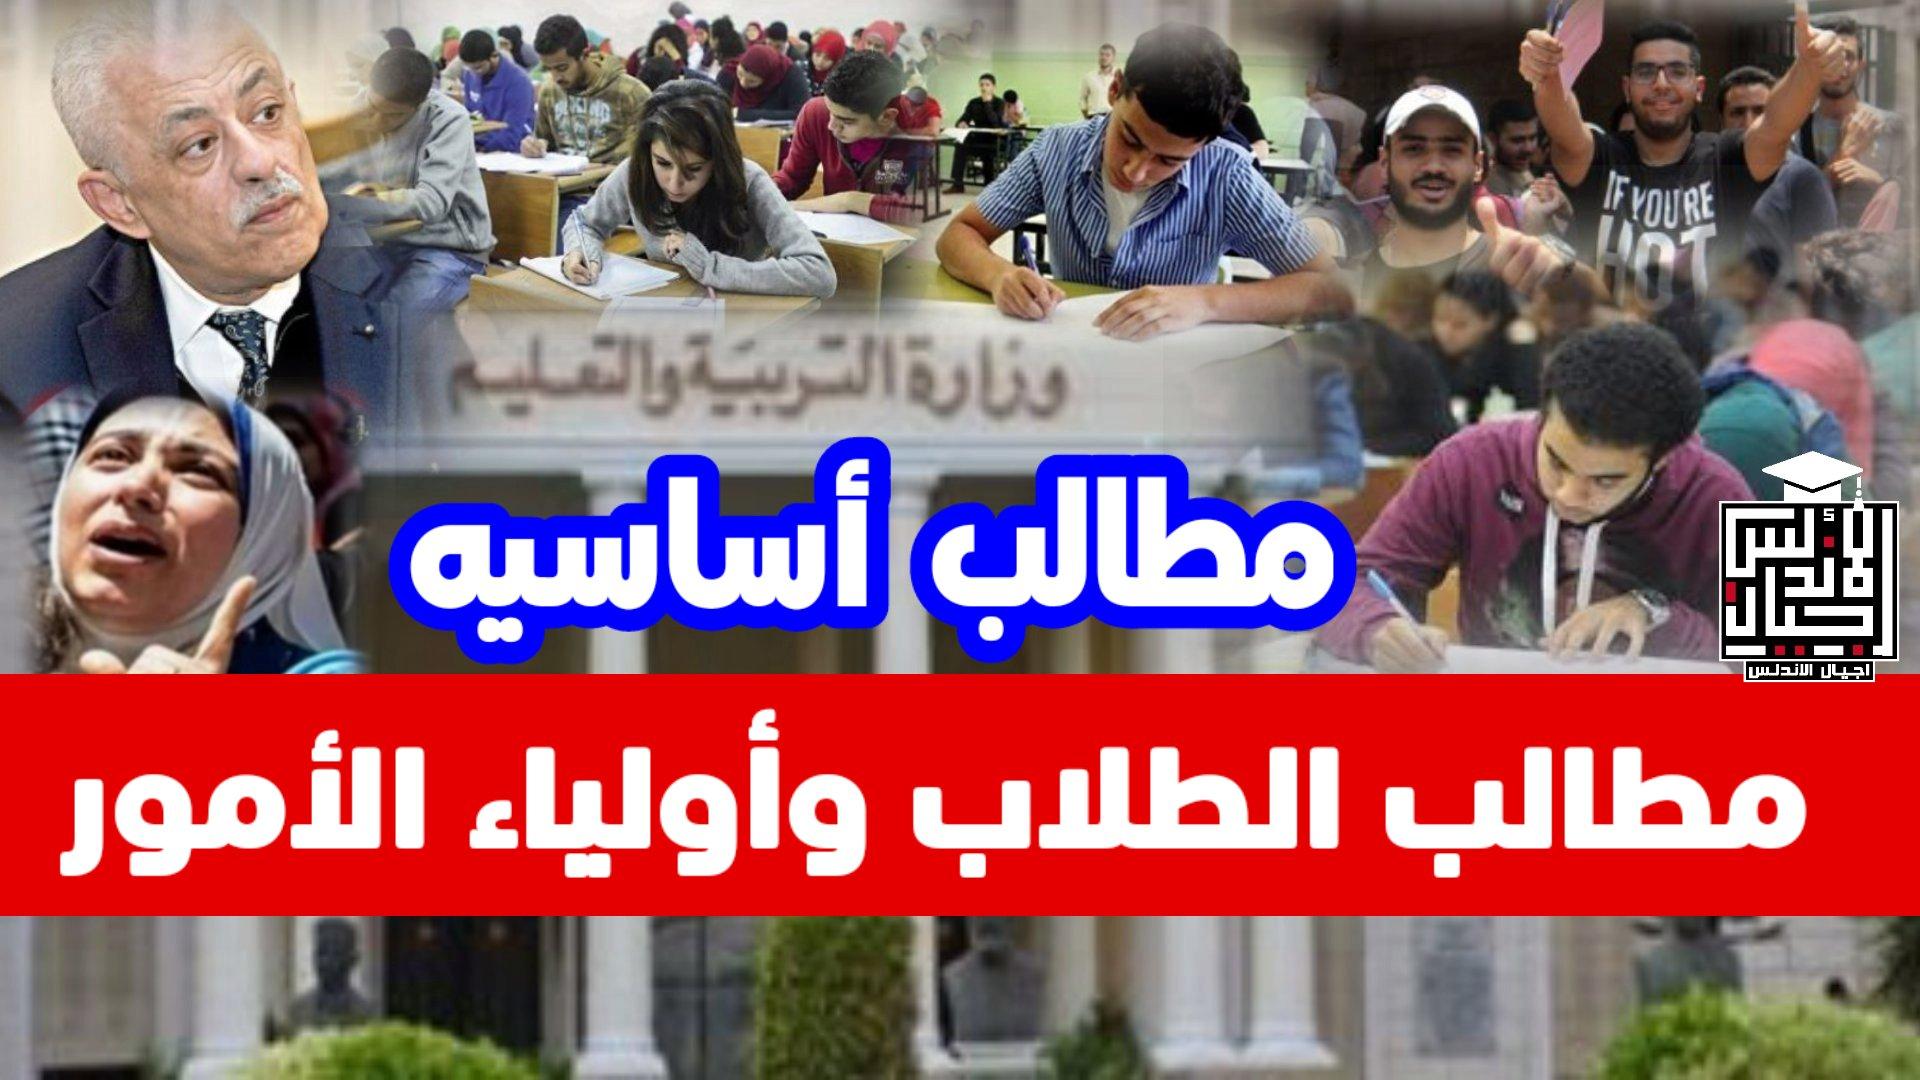 مطالب اولياء الامور والطلاب | مطالب طلاب الثانويه العامه - اجيال الاندلس